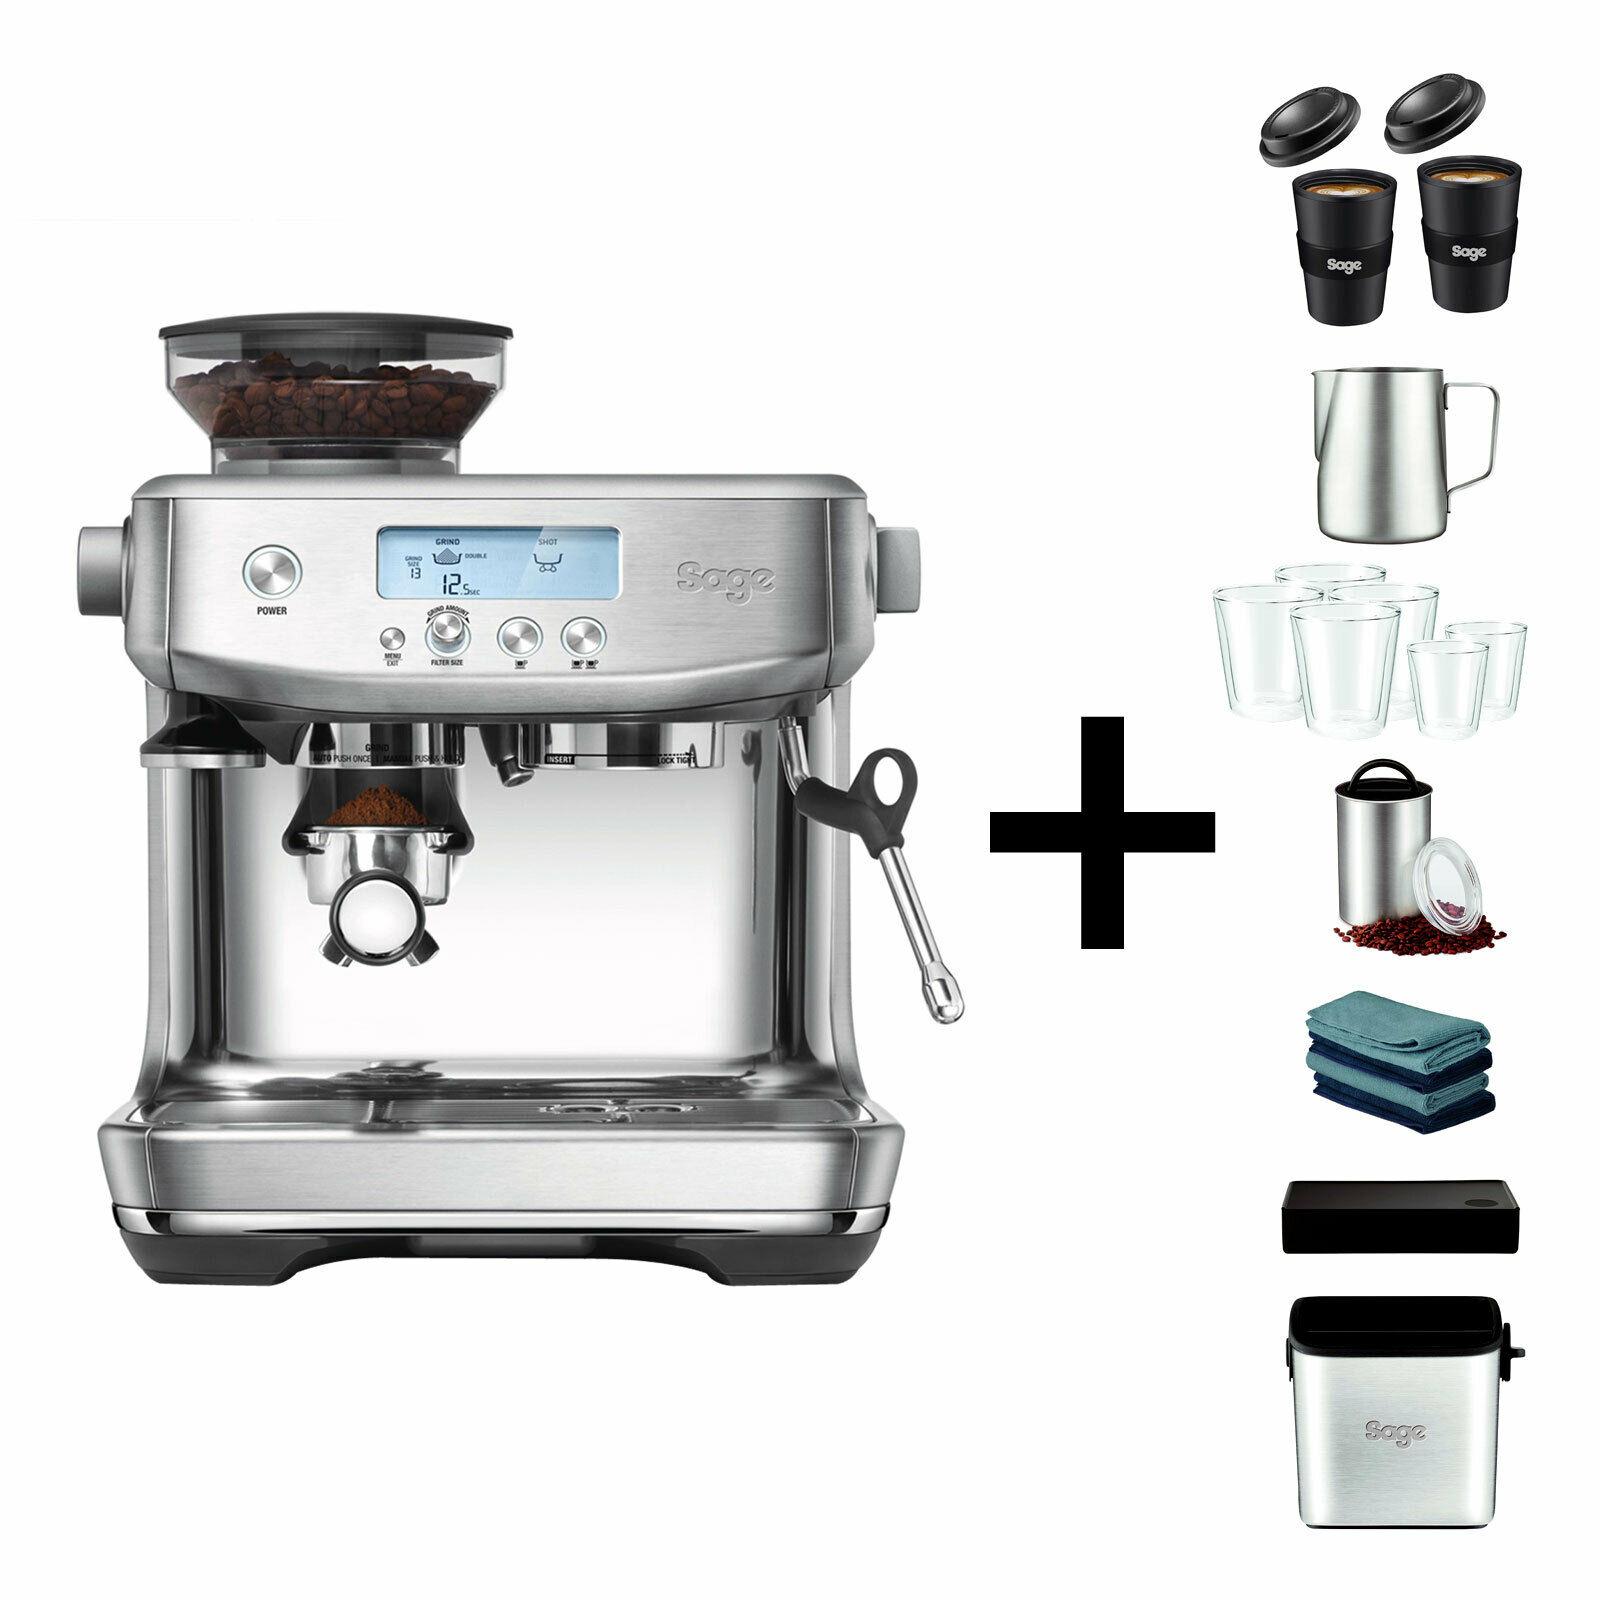 Sage The Barista Pro Espresso Maschine inkl. Barista Pack für 560,90 Euro